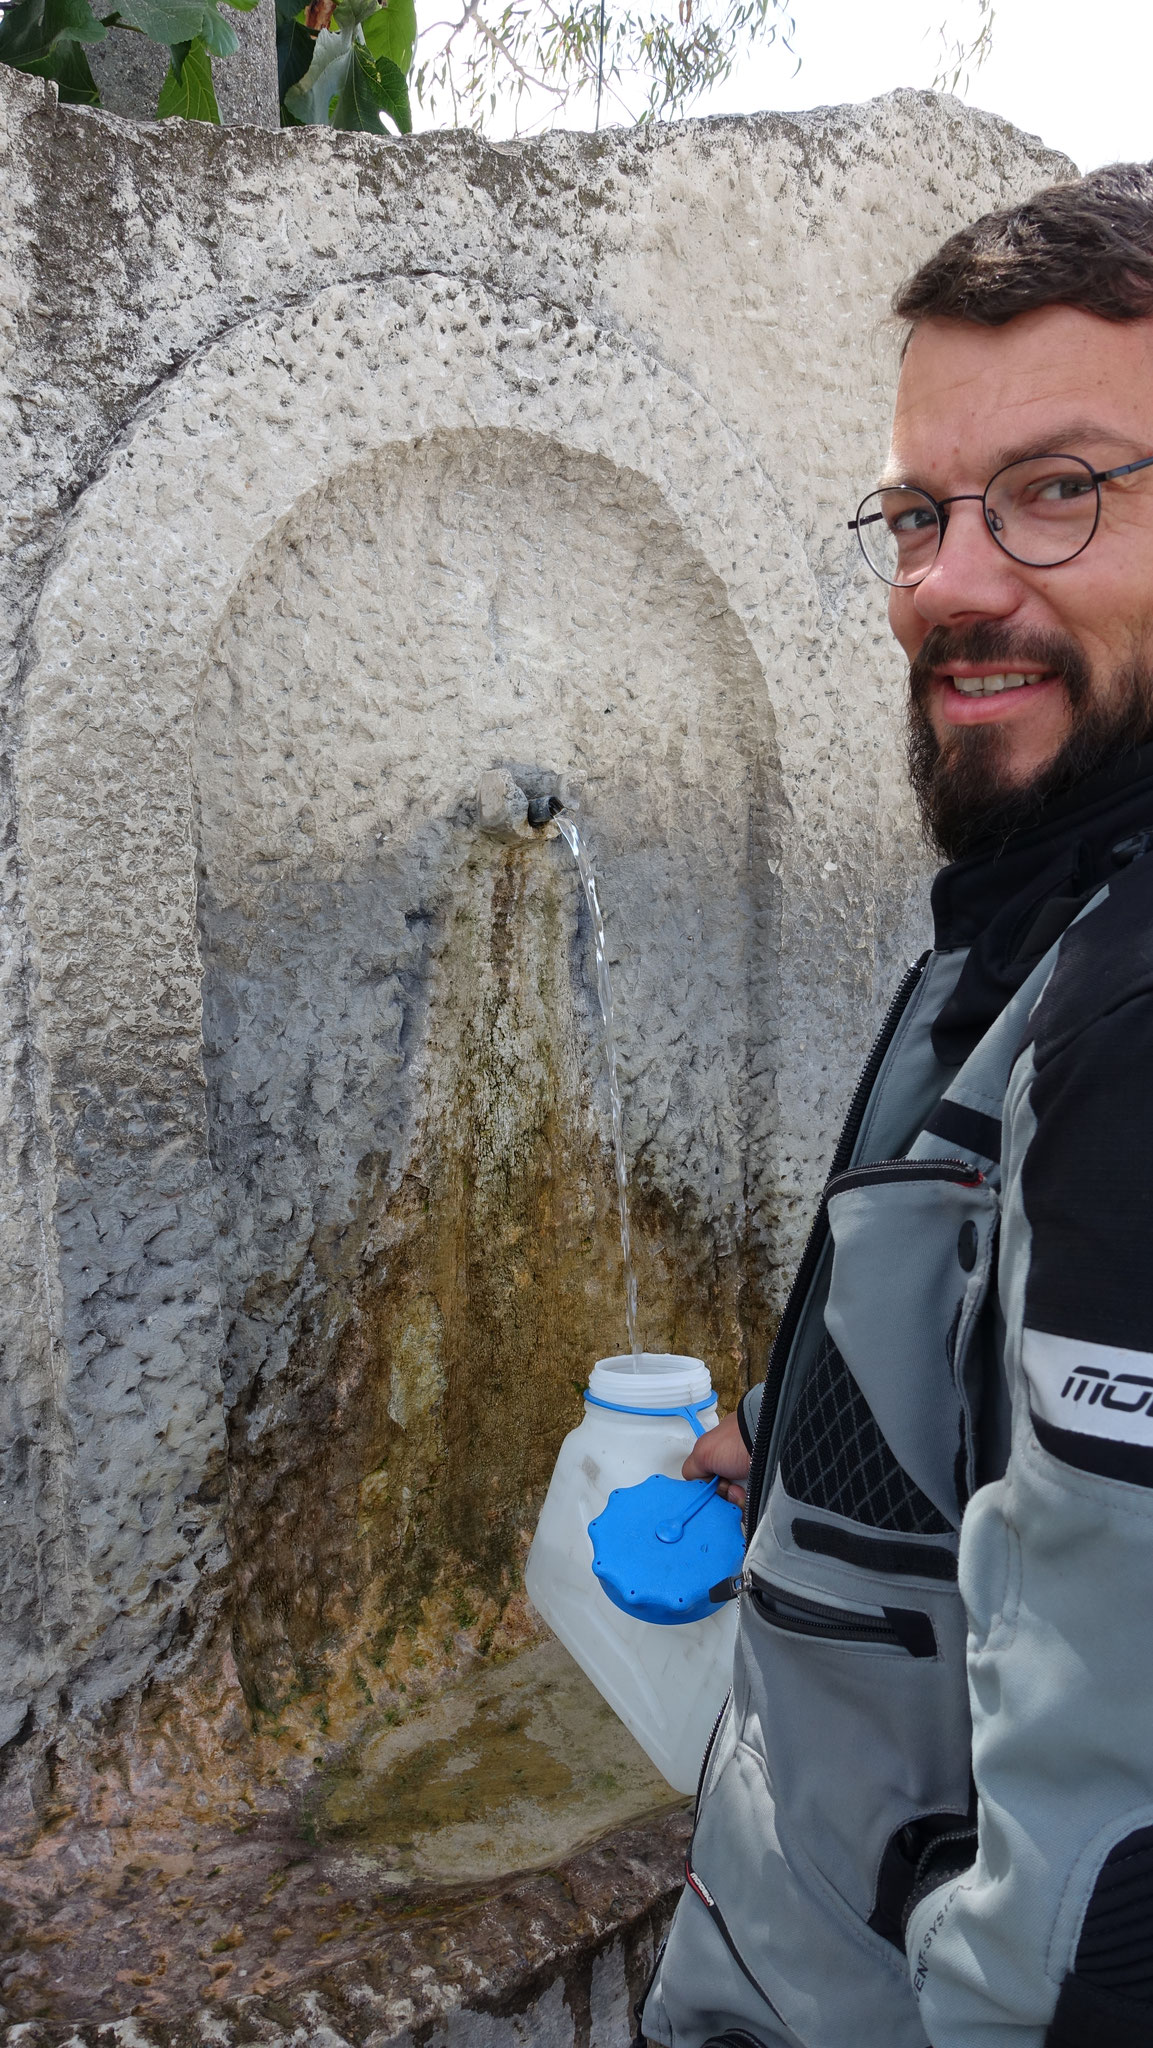 Wasserquellen wie diese finden wir immer wieder! Diese werden auch von den Albanern selbst genutzt, die kommen aber dann gleich mit größeren Gefäßen :D